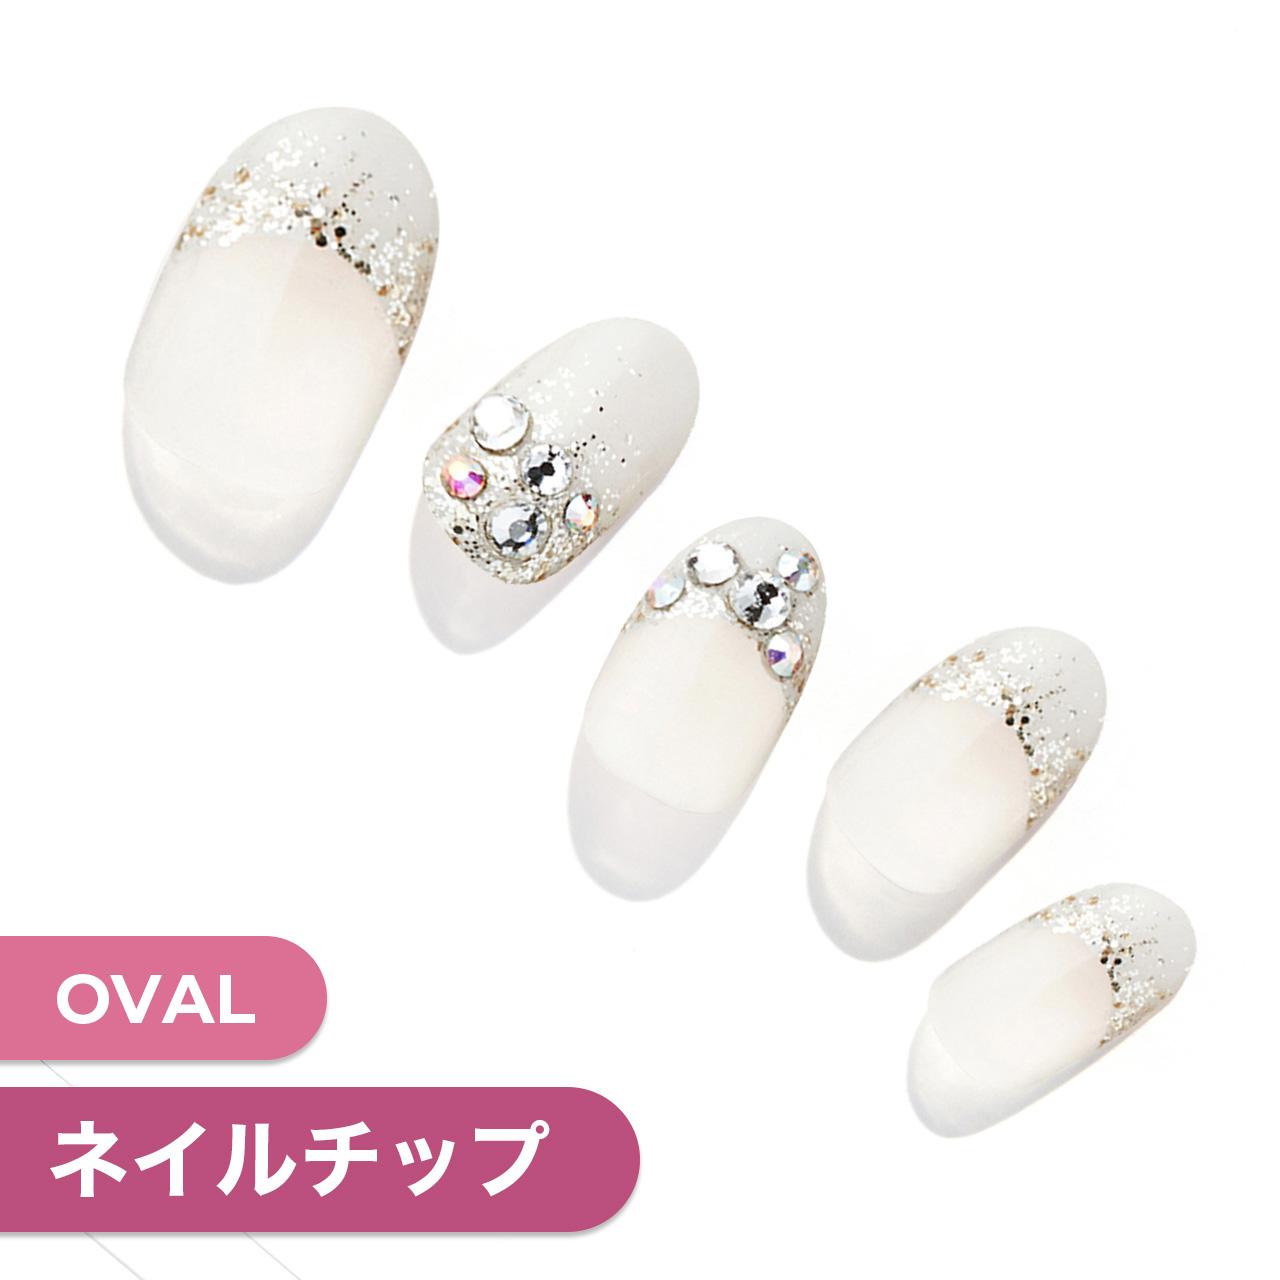 【Bridal Bouquet】ダッシングディバマジックプレス